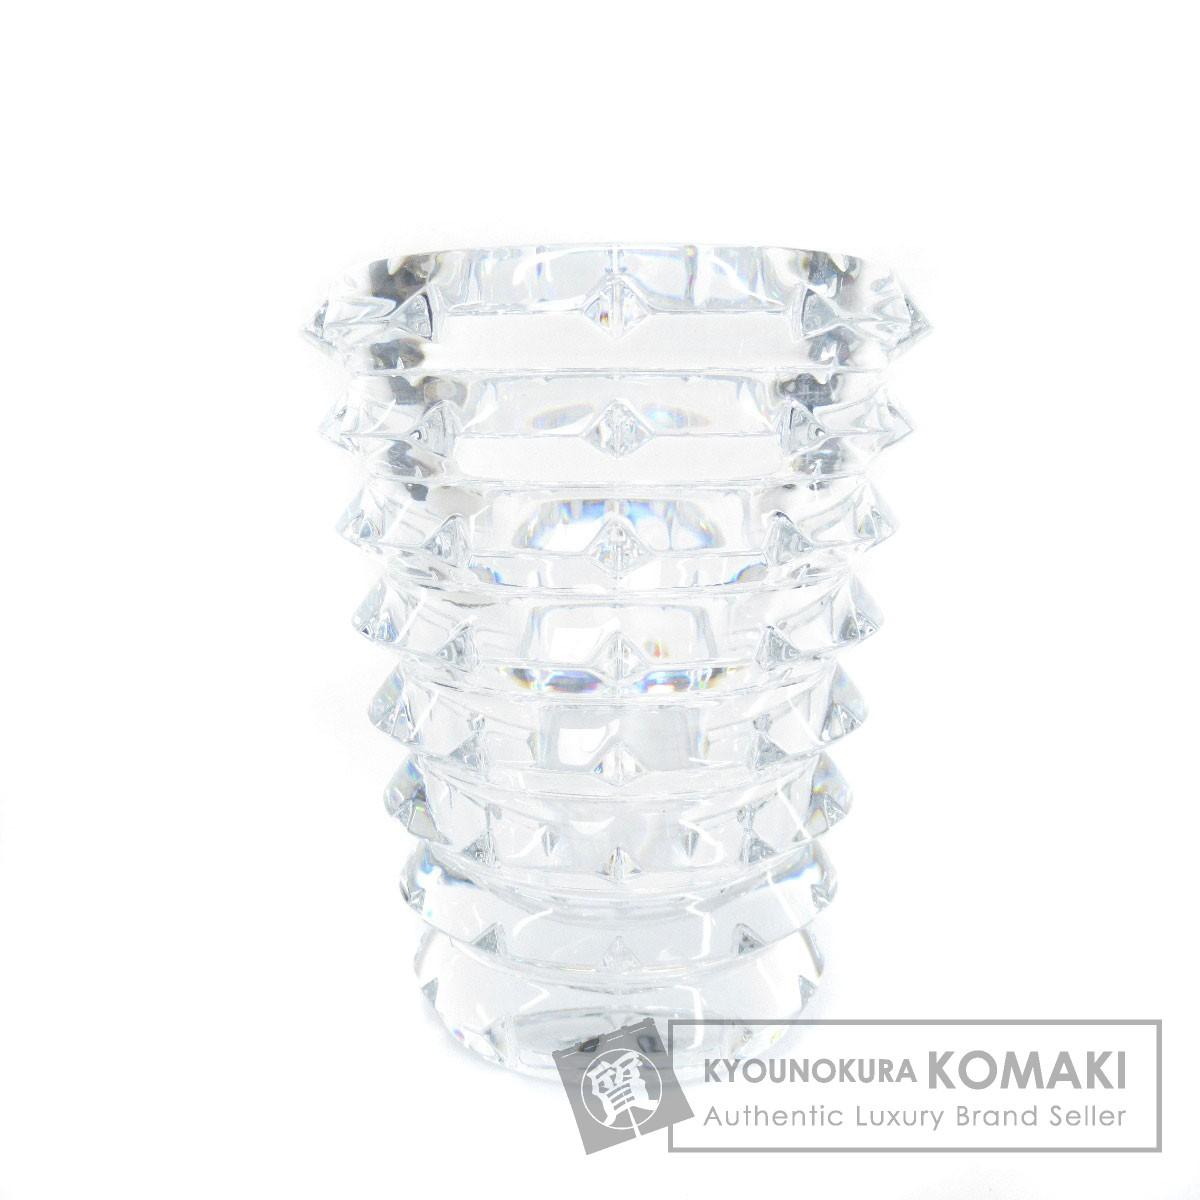 Baccarat 花瓶/フラワーベース オブジェ クリスタルガラス ユニセックス 【中古】【バカラ】